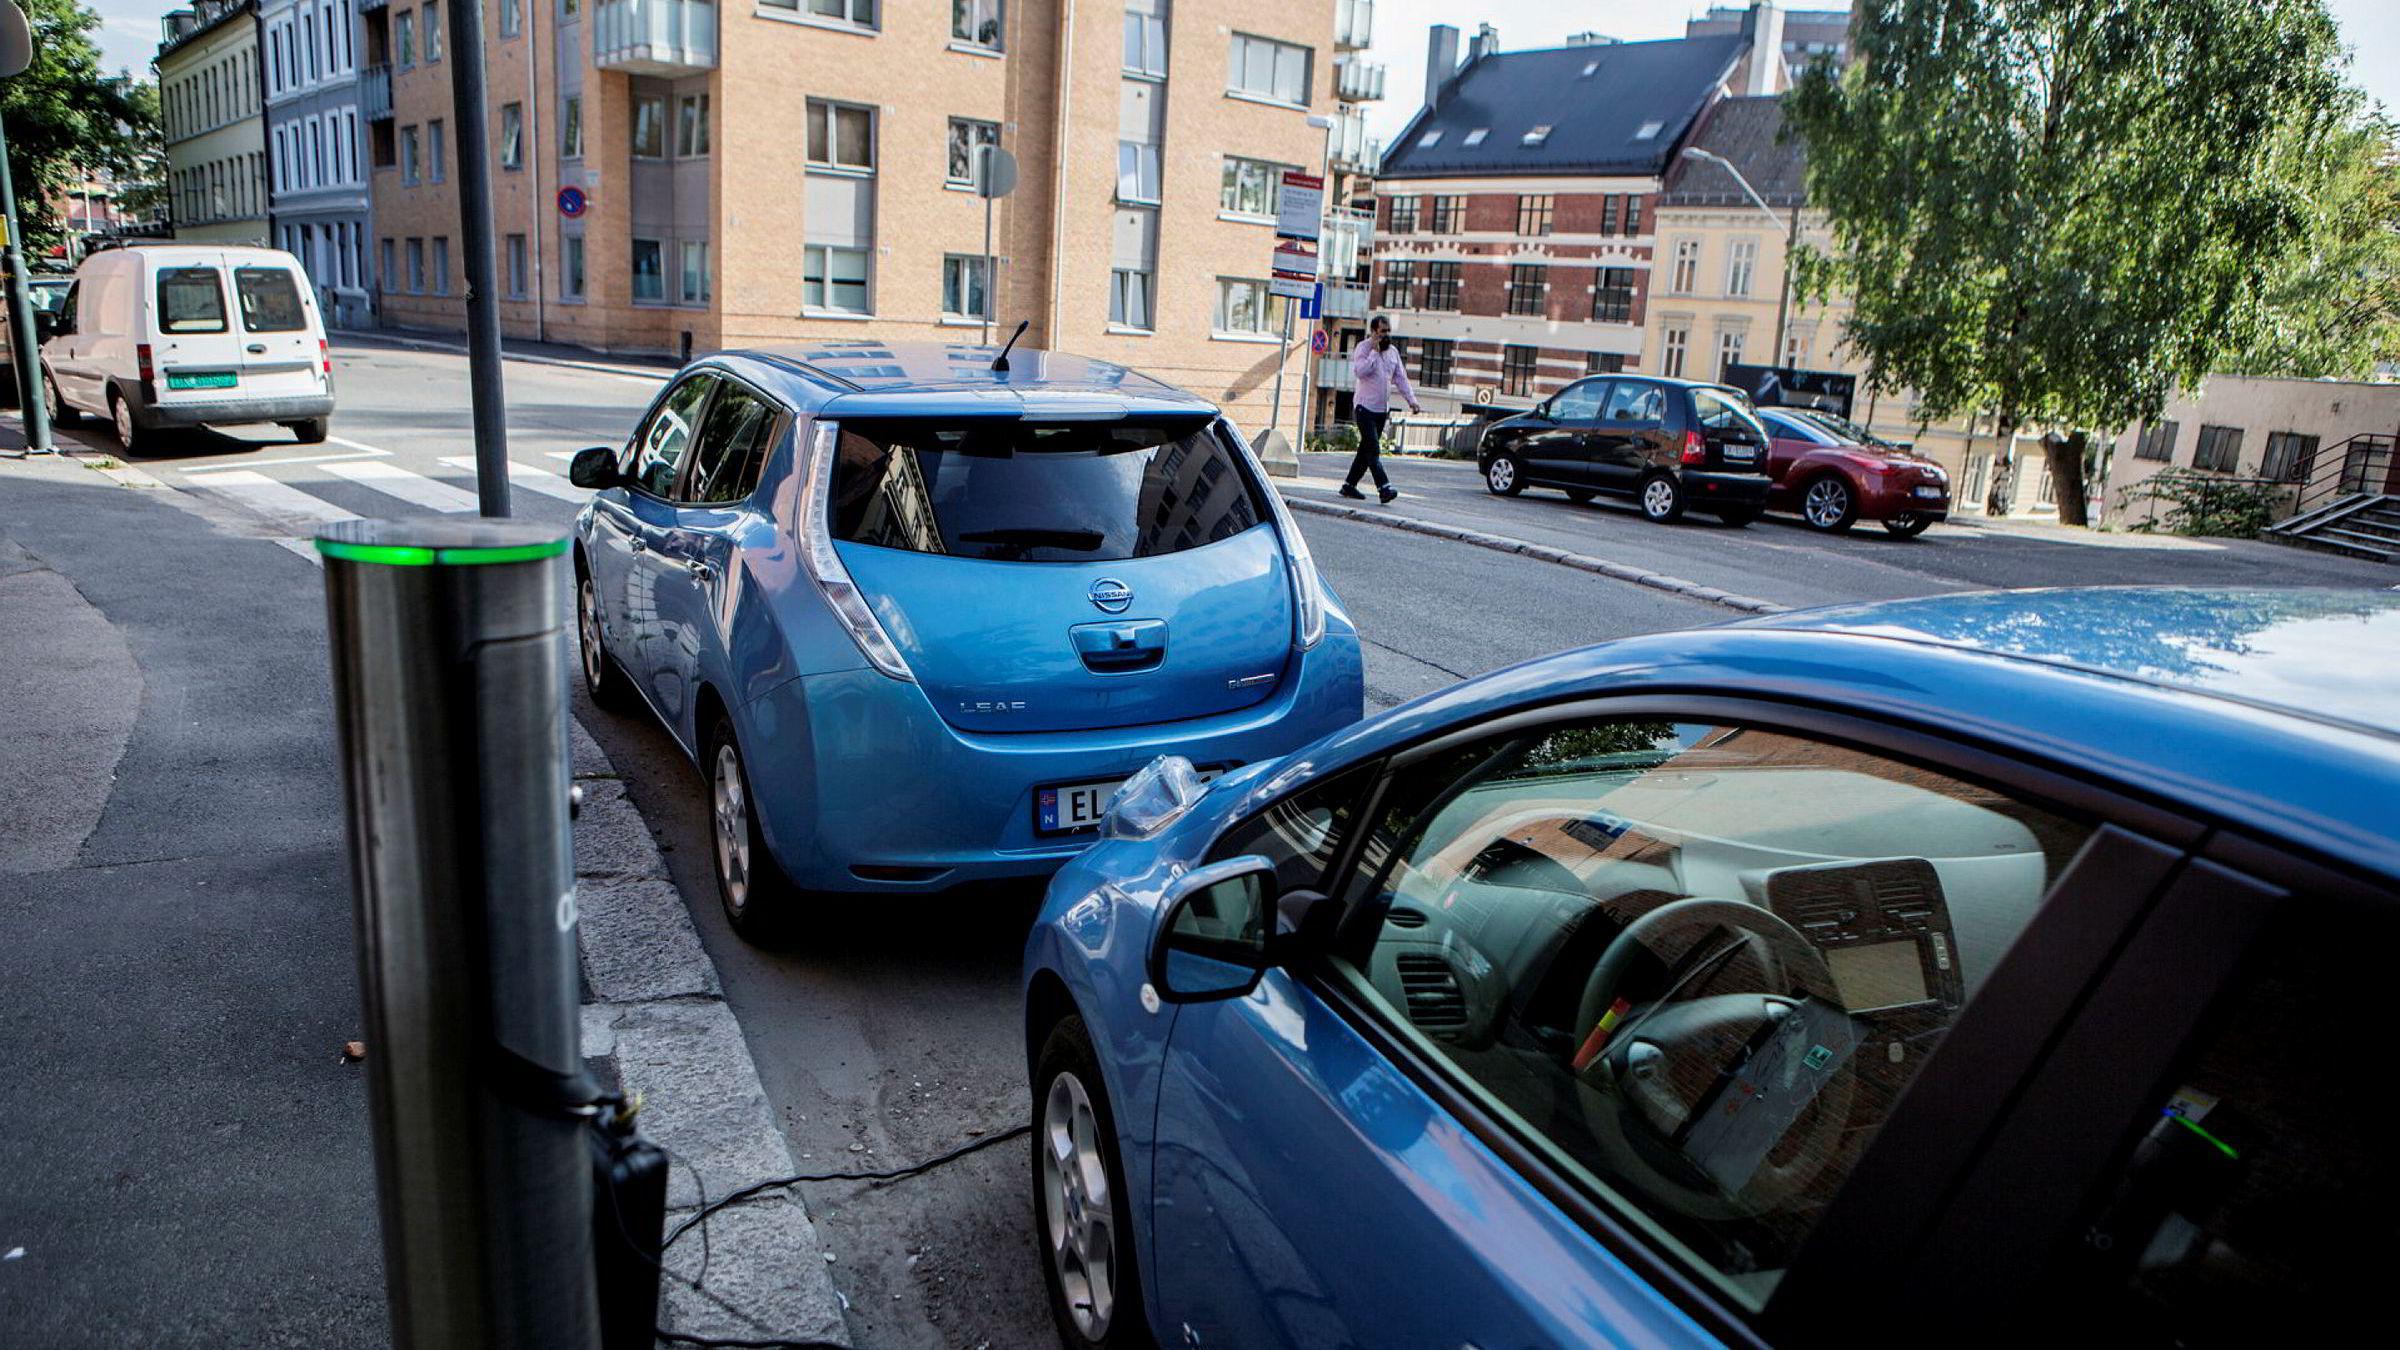 «Hvis en for eksempel er opptatt av lite utslipp fra biler, kan en mulighet være å stille krav om elbiler ved innkjøp av biler til et offentlig foretak», skriver innleggsforfatterne.